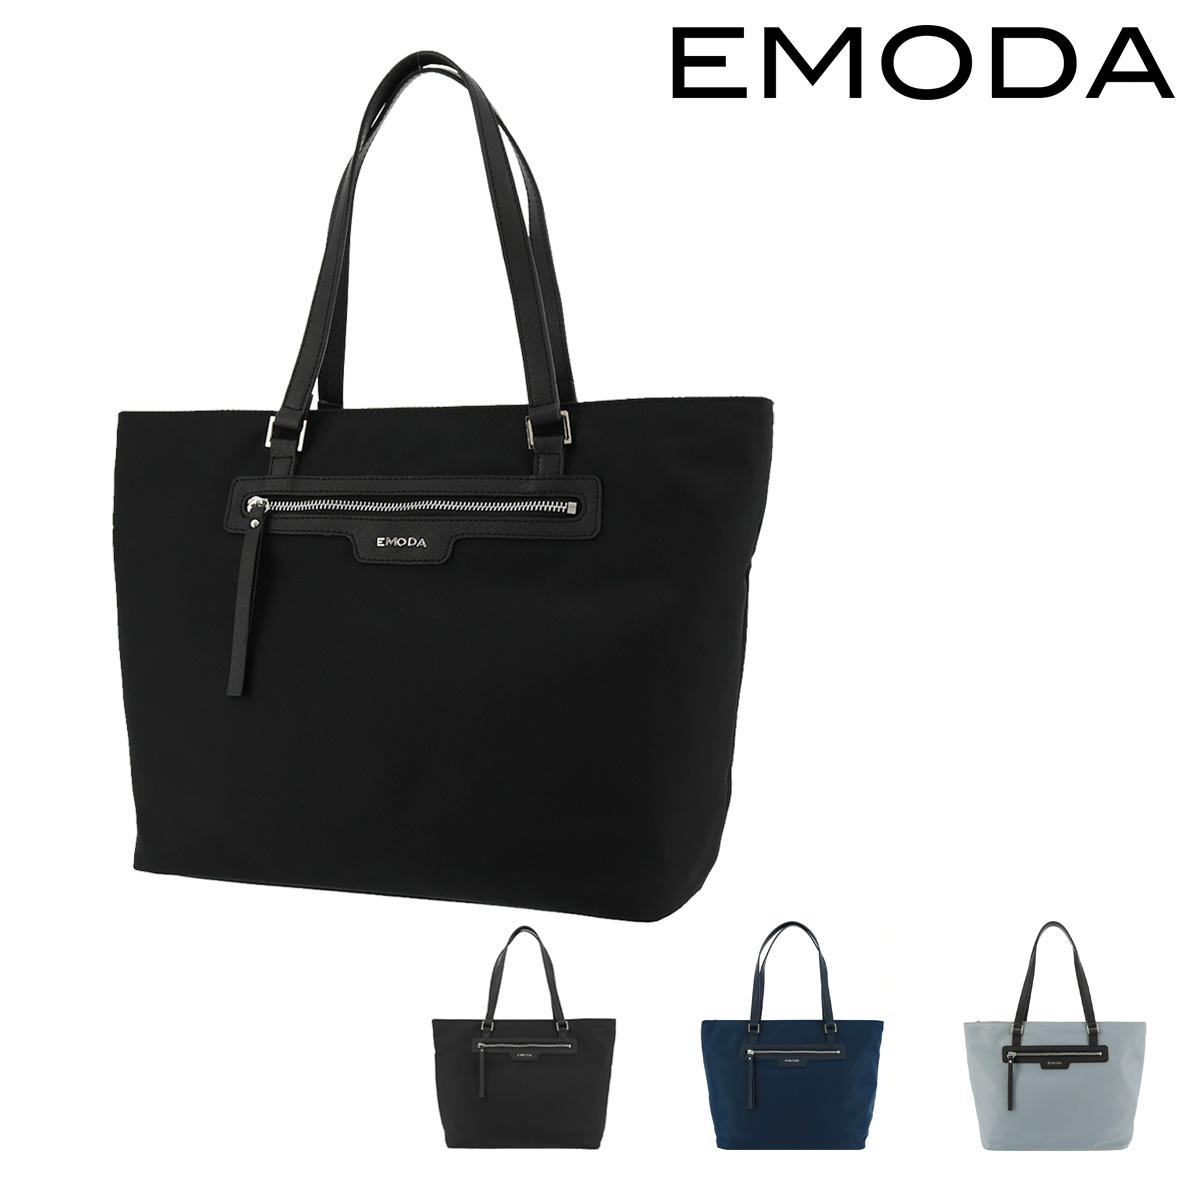 エモダ トートバッグ 肩掛け レディース EM-9282 EMODA | ファスナー付き A4 ナイロン 軽量[bef][PO5]